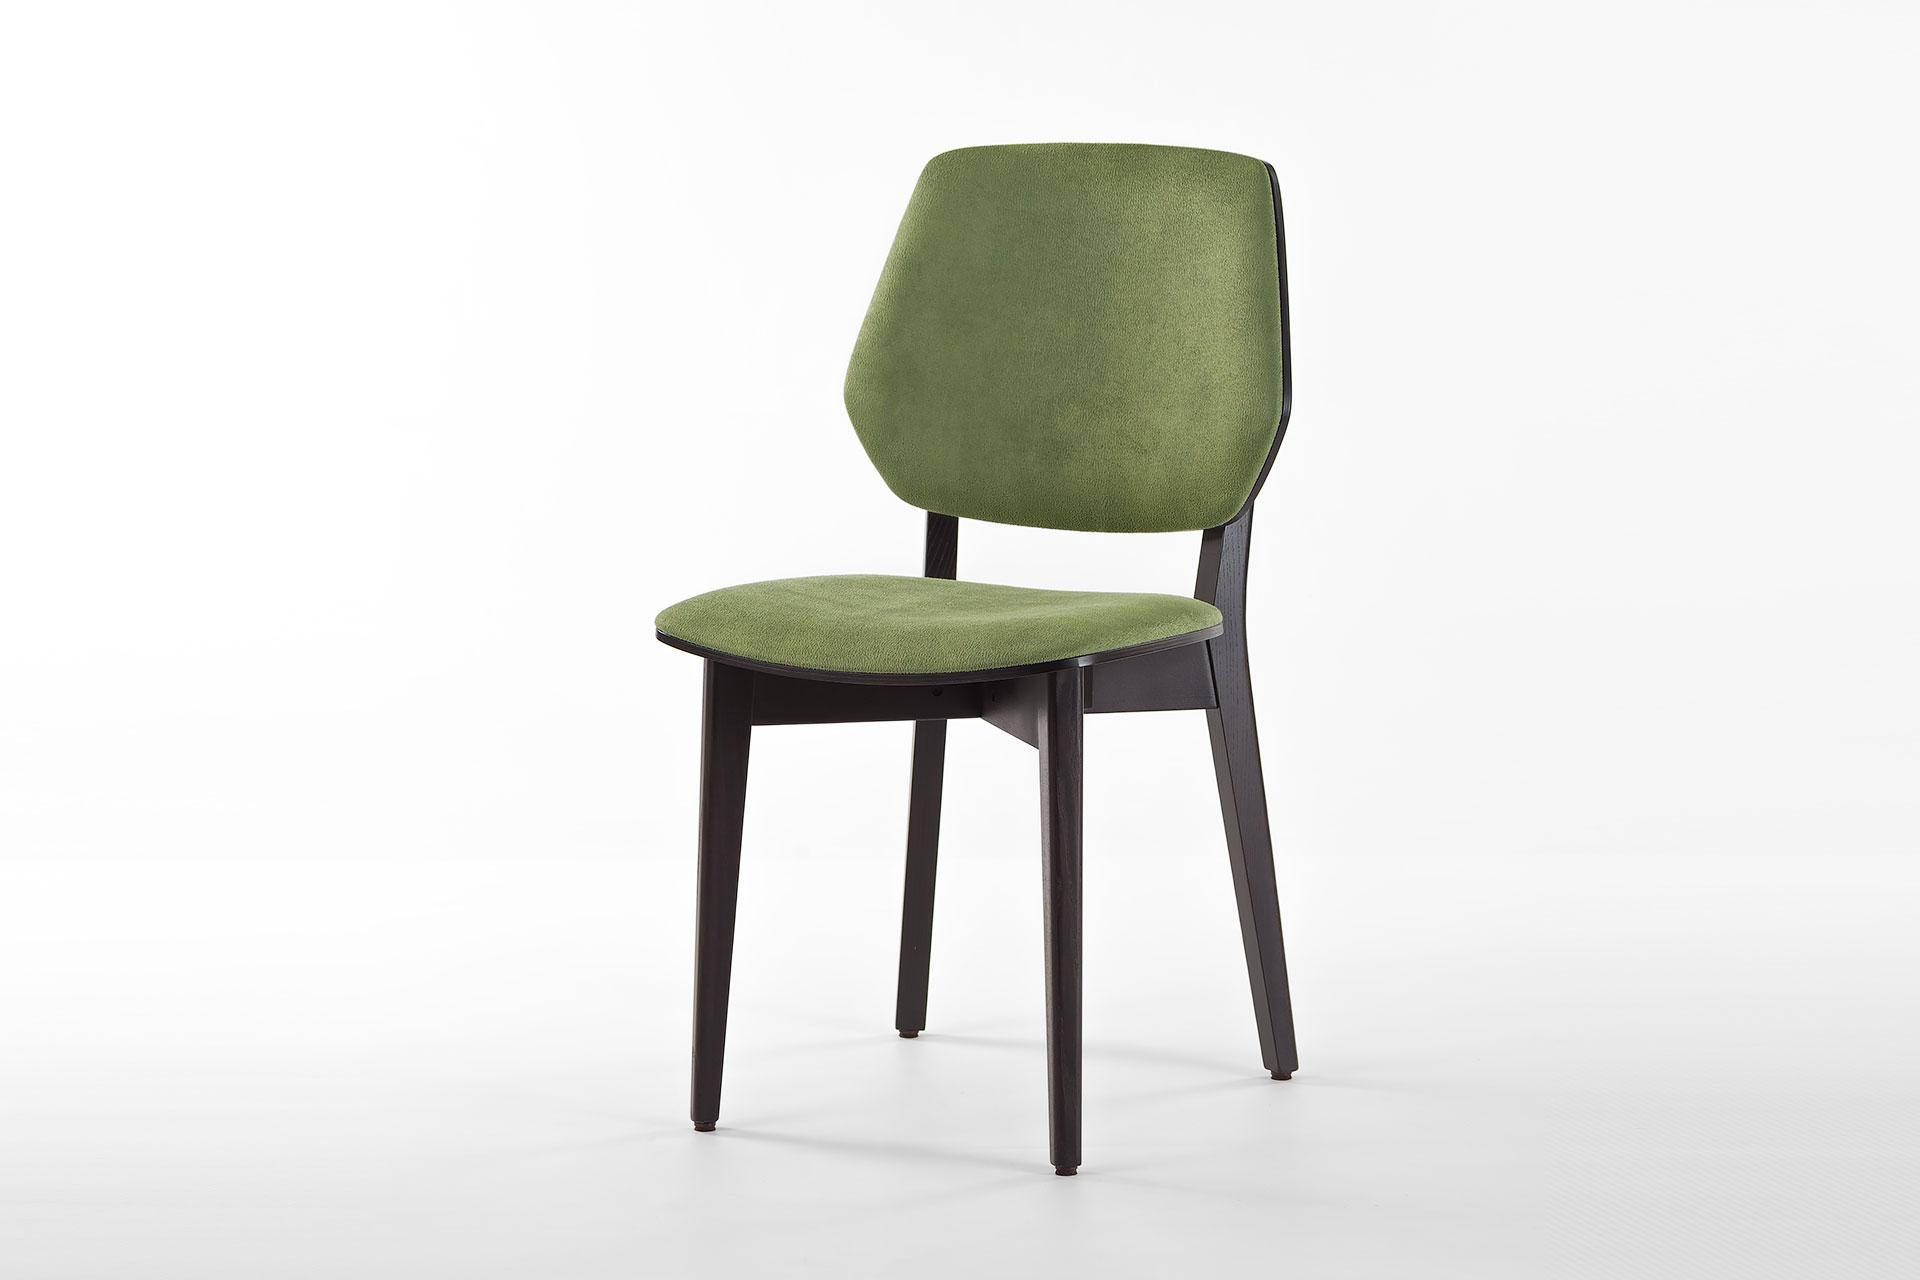 Кухонний стілець 03В чорно-зелений, м'які сидіння та спинка з штучної замші Exim Mustang Light Green, тверде дерево, колір виробу SE7059